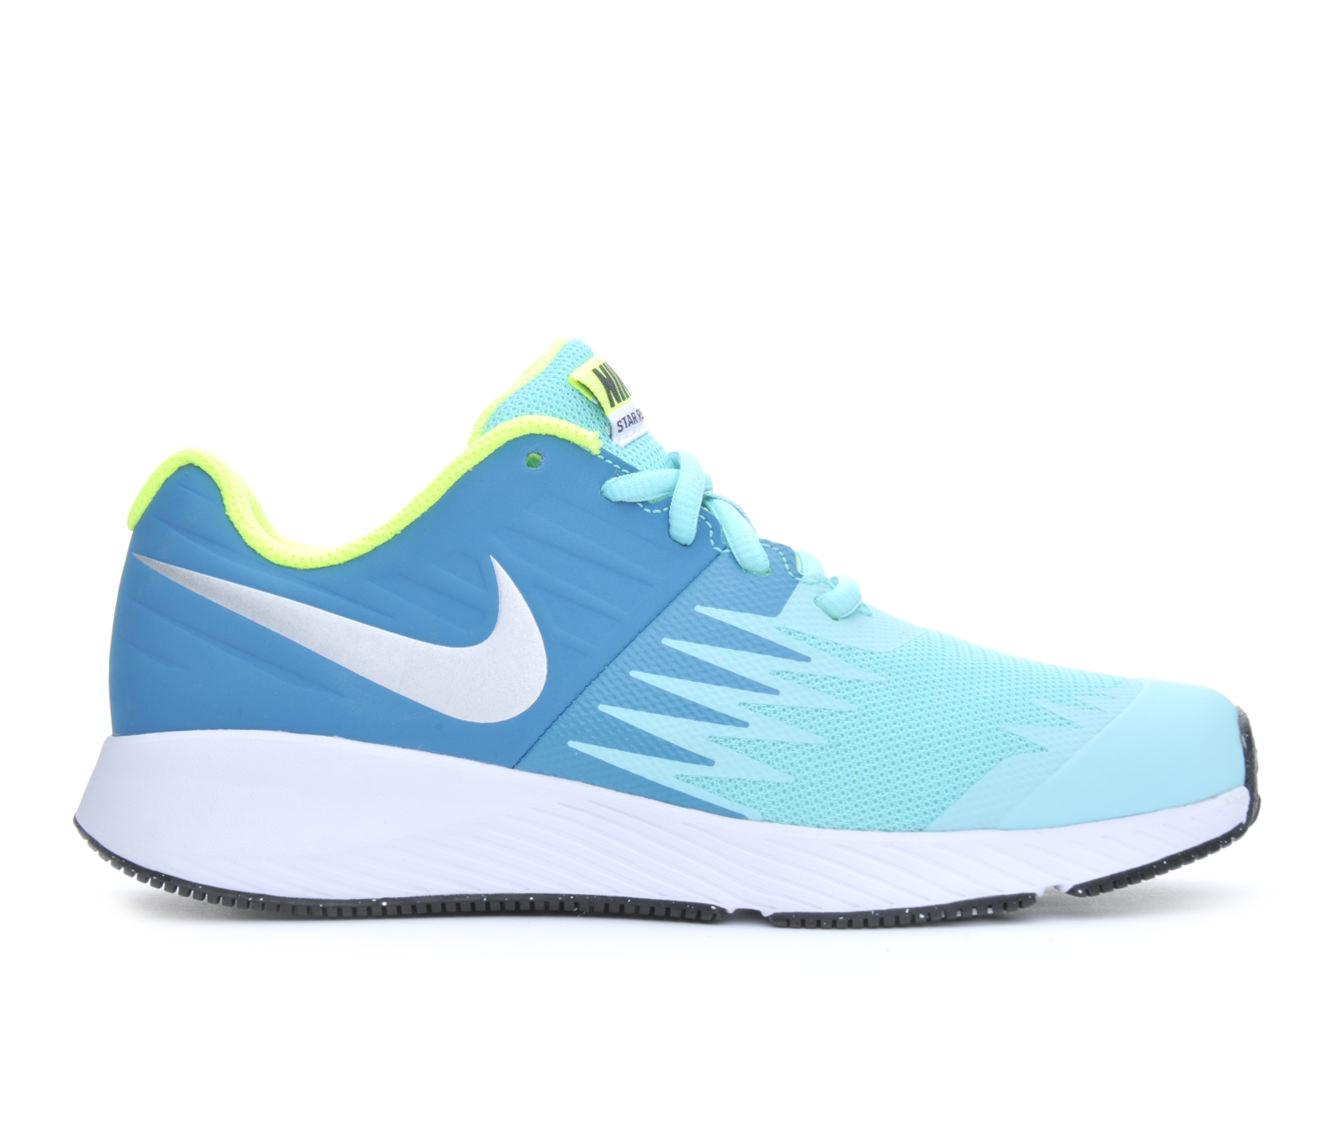 Girls' Nike Star Runner Running Shoes (Blue)